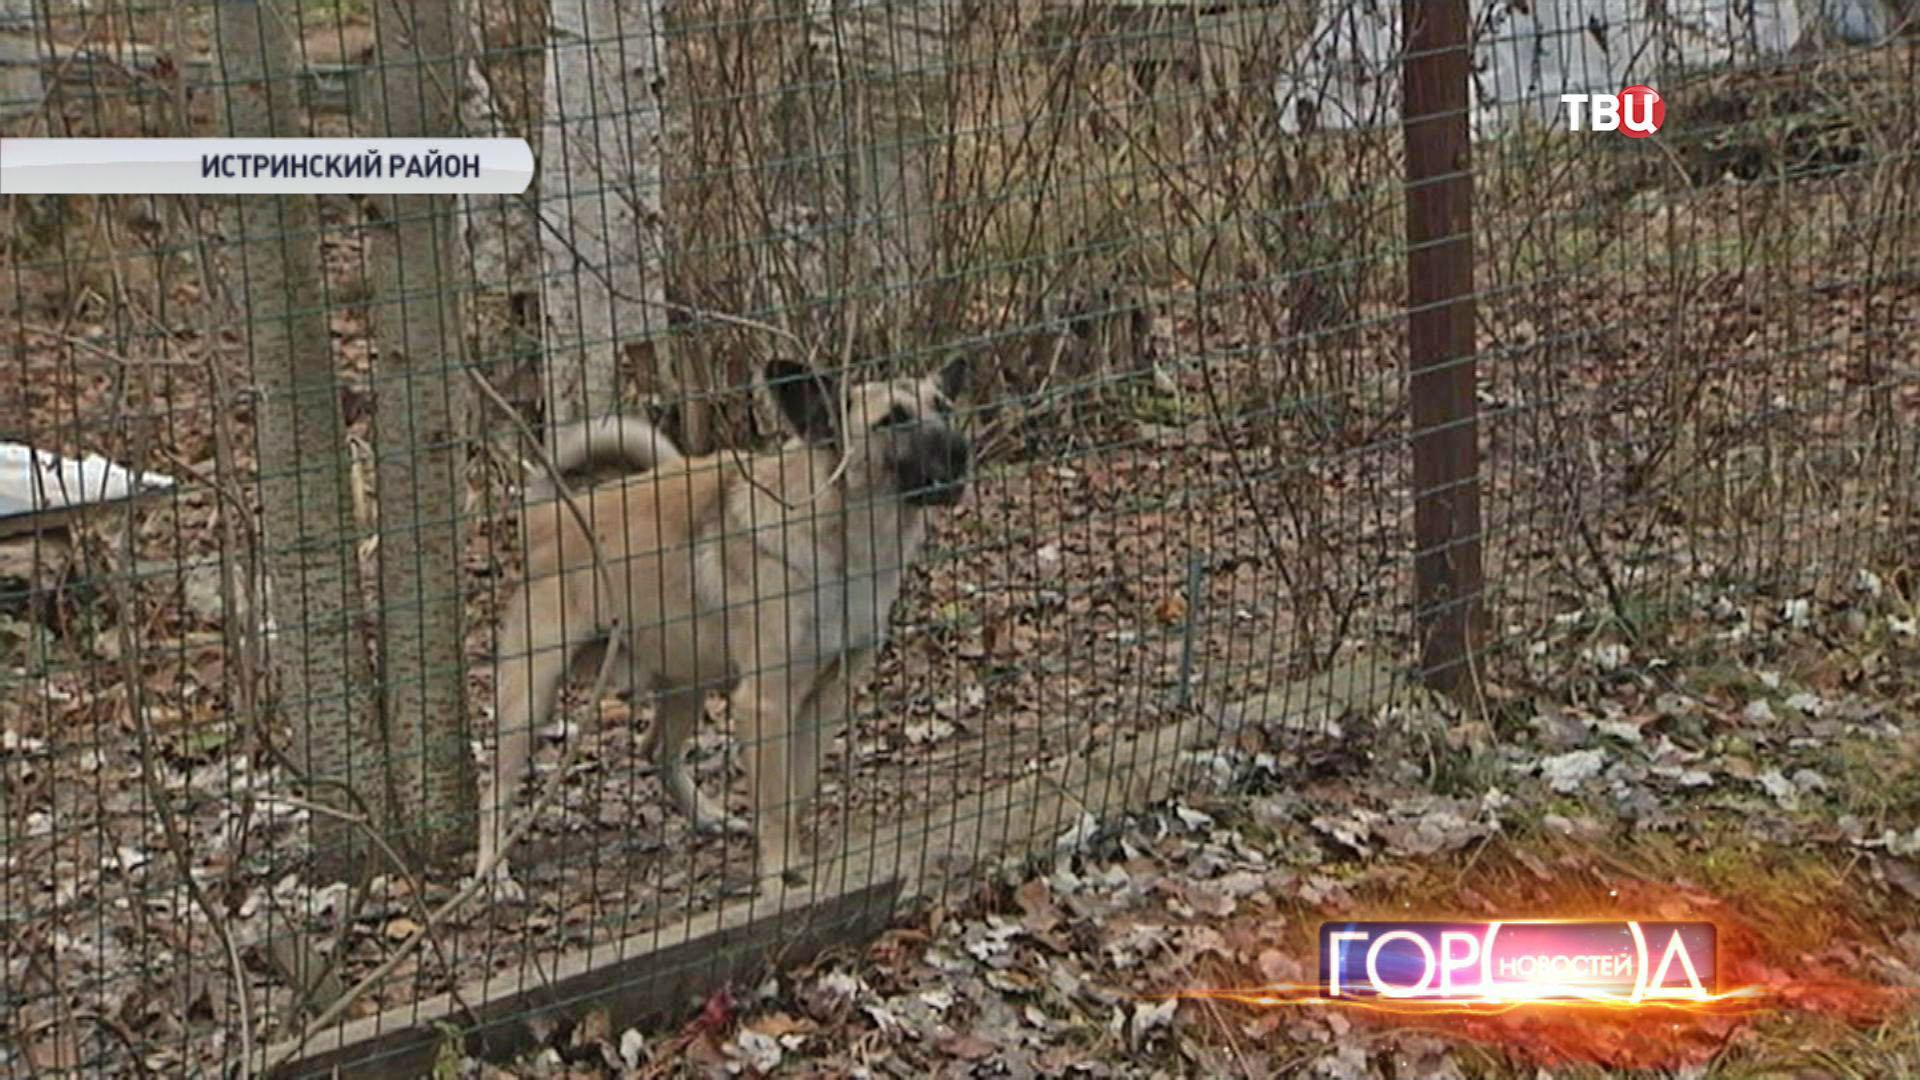 Собака в Истринском районе